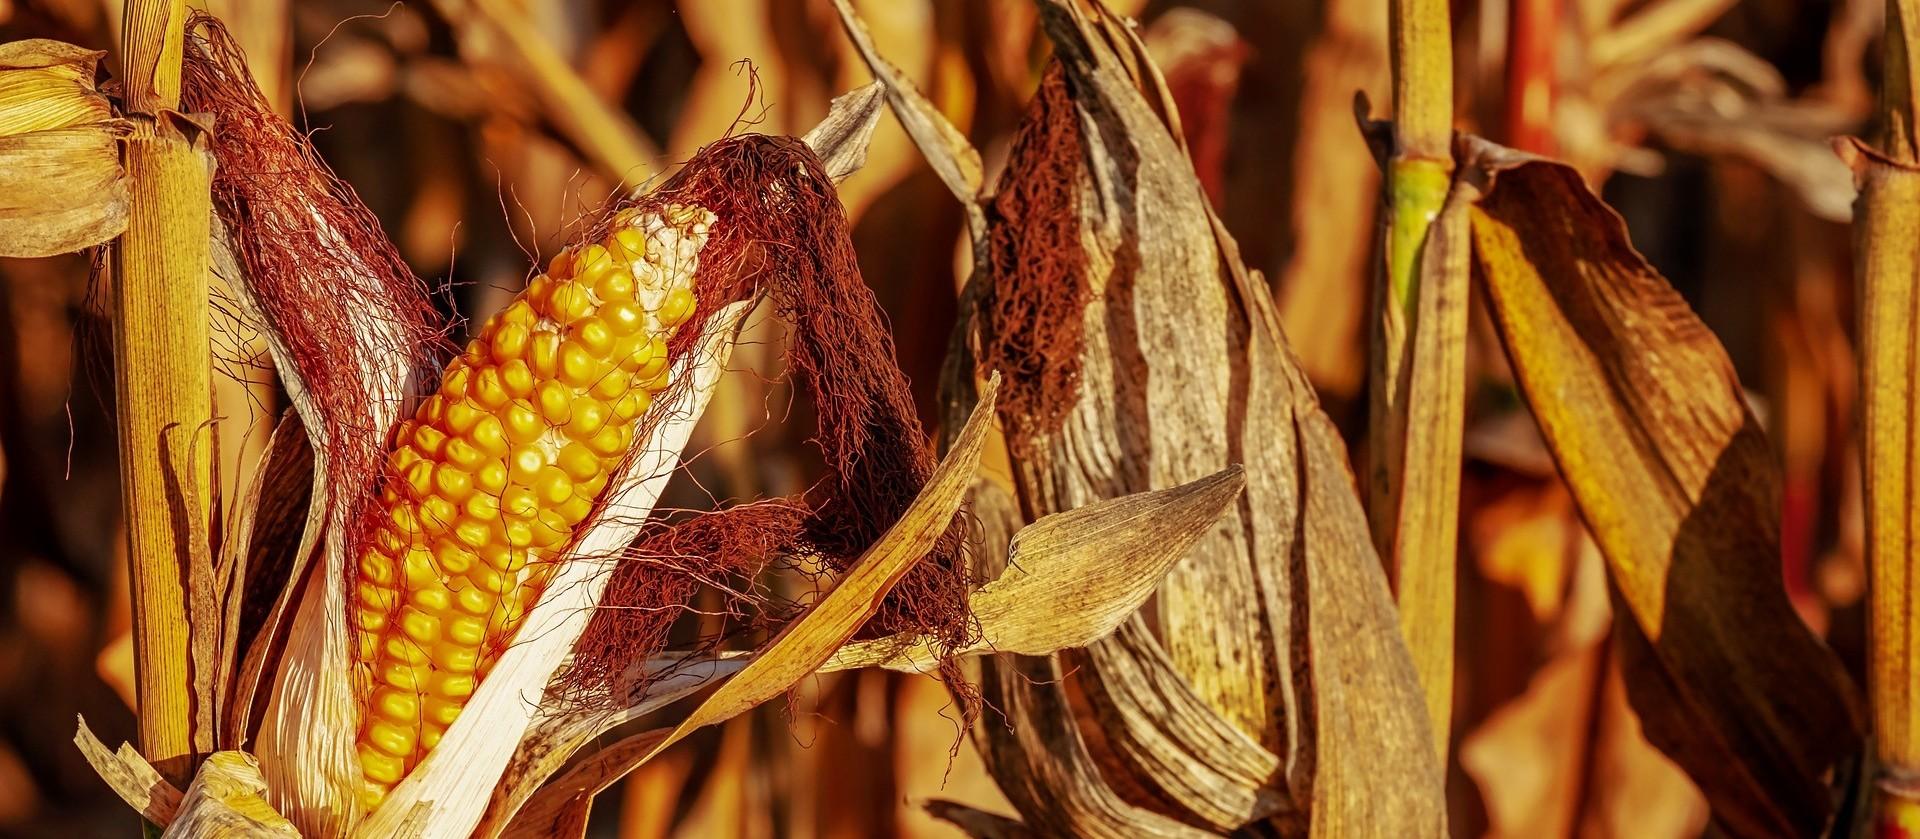 Preço do milho dispara no mercado interno